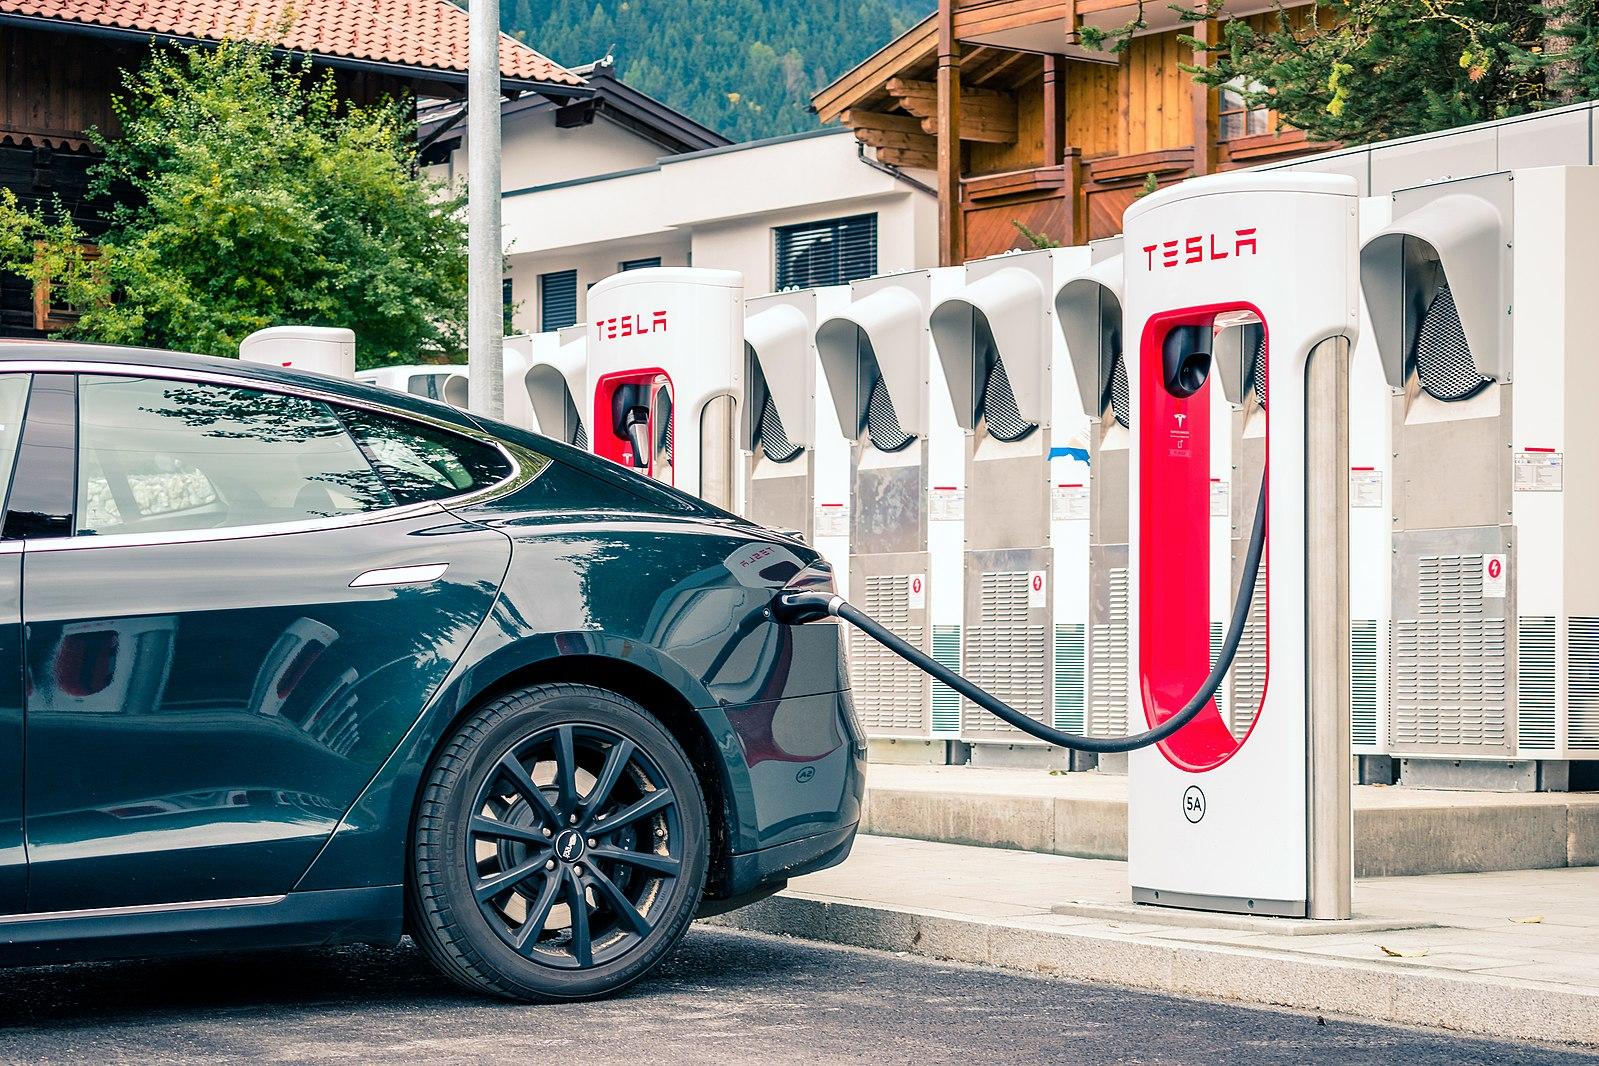 Car, ev, tesla, charging